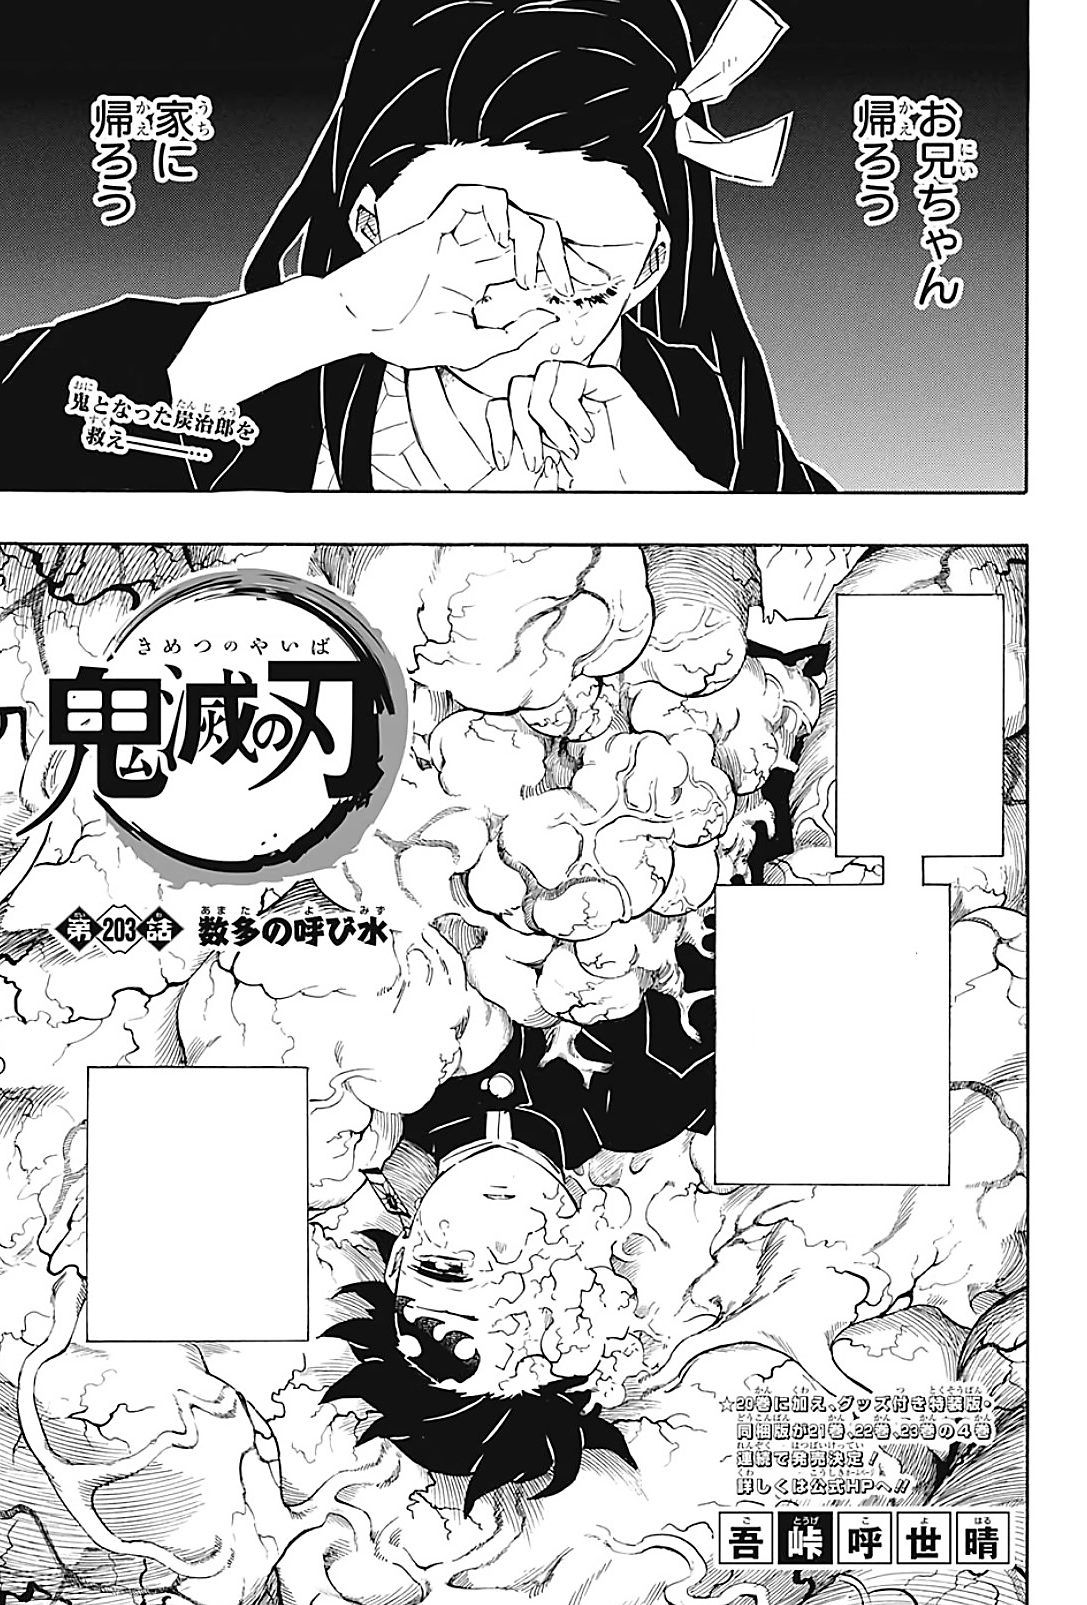 Chapter 203 Kimetsu No Yaiba Wikia Fandom